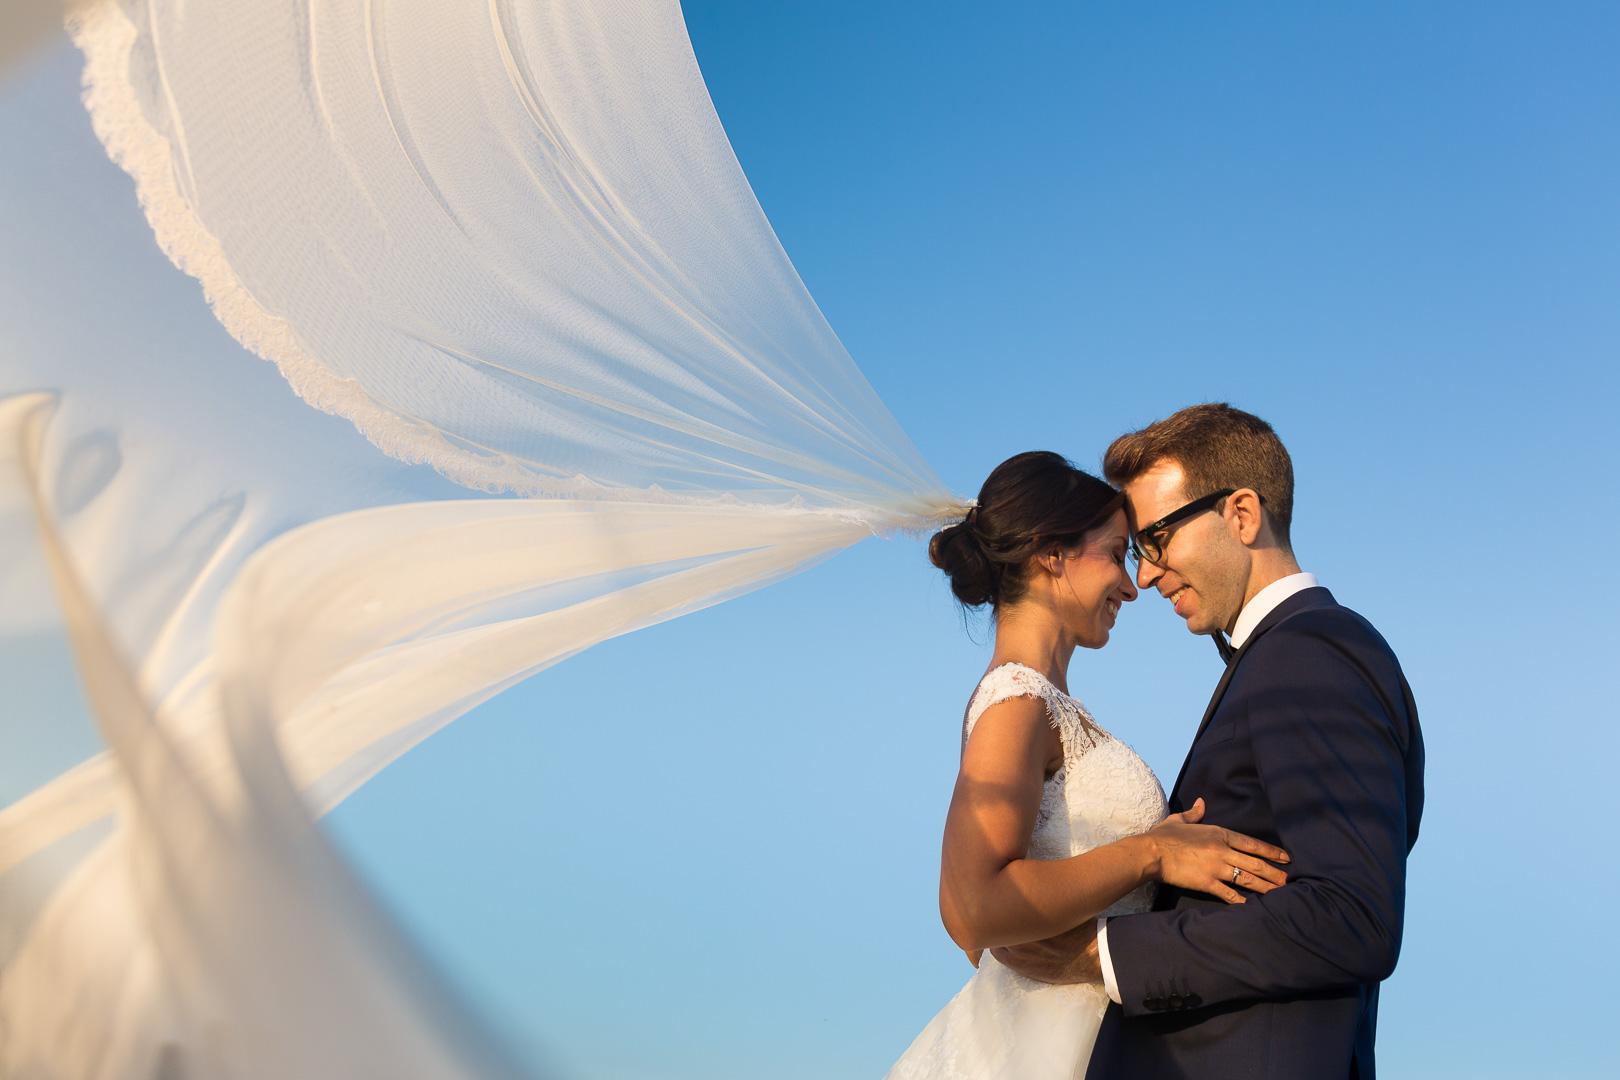 Fotos de boda en localizaciones especiales